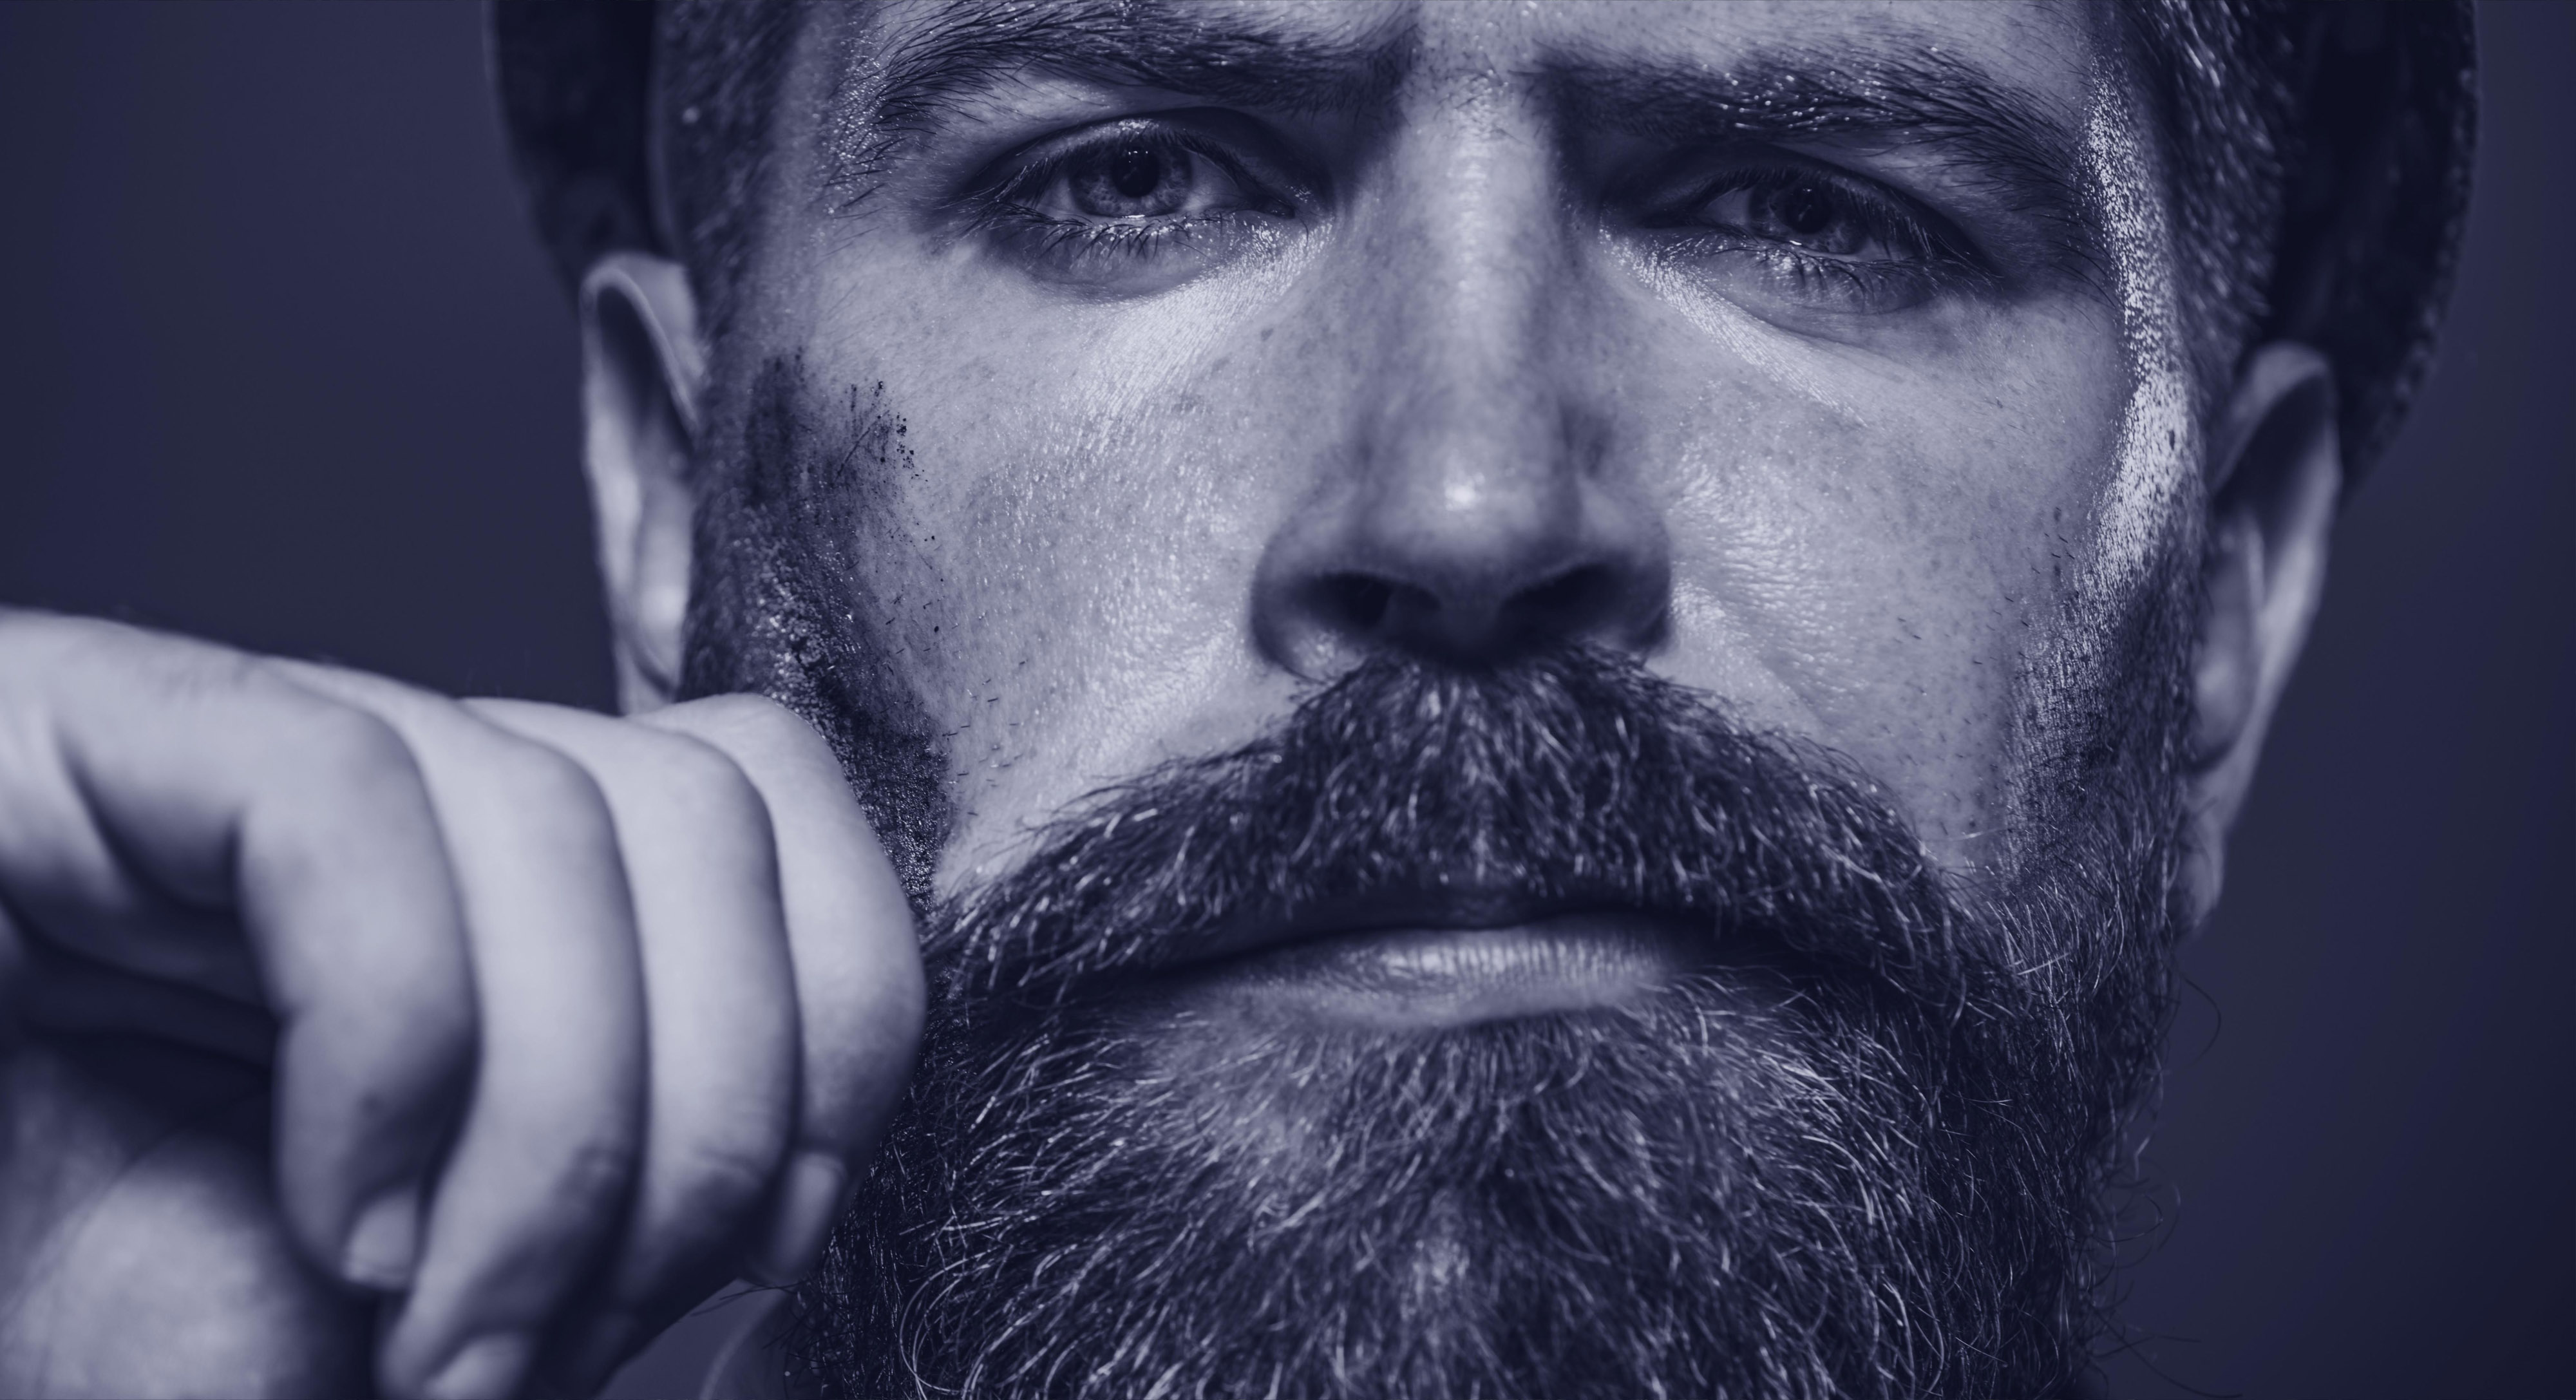 Kubicom tar krafttag för mäns hälsa genom Mustaschkampen